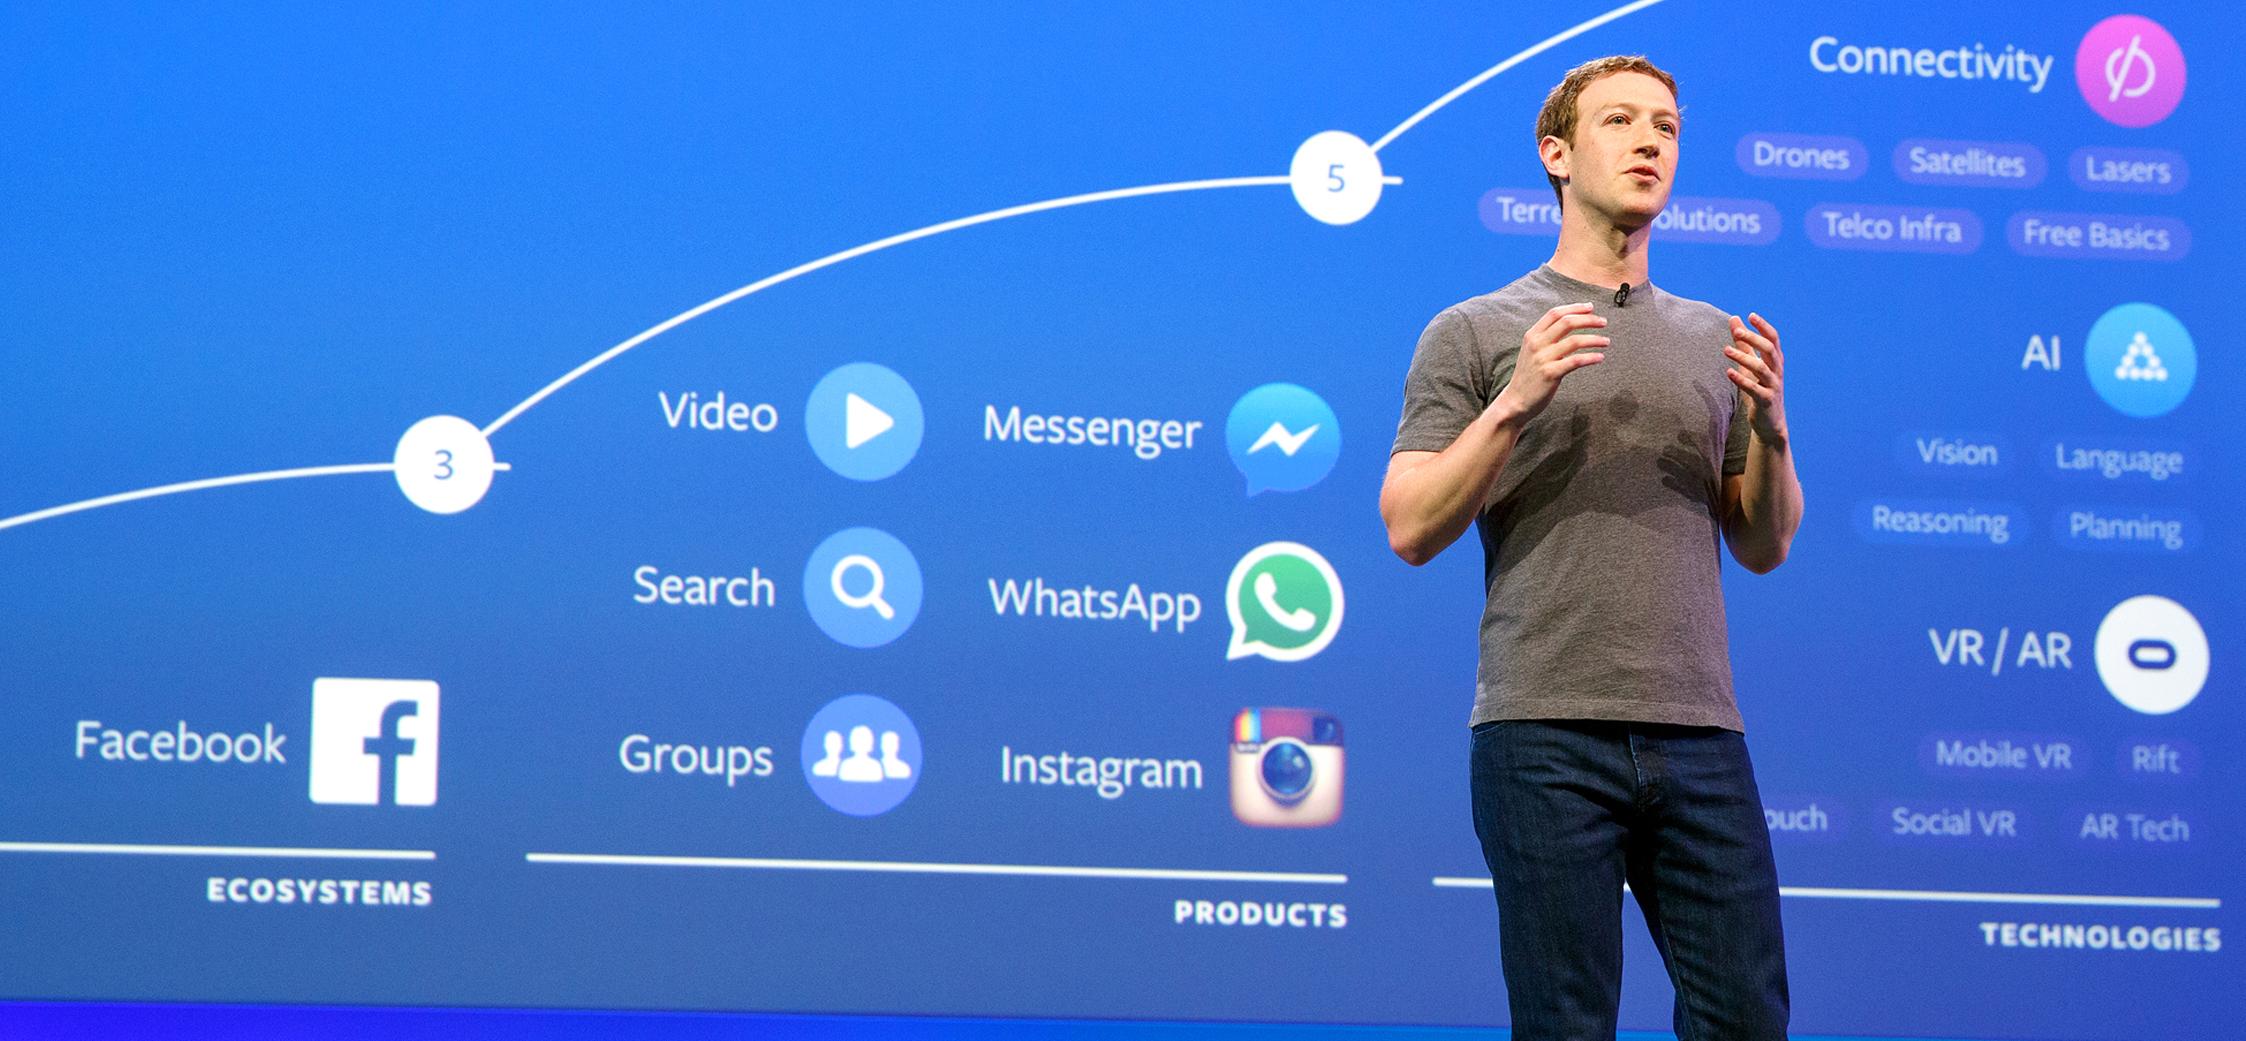 Mark Zuckerberg chính là người nguy hiểm và quyền lực nhất hành tinh!